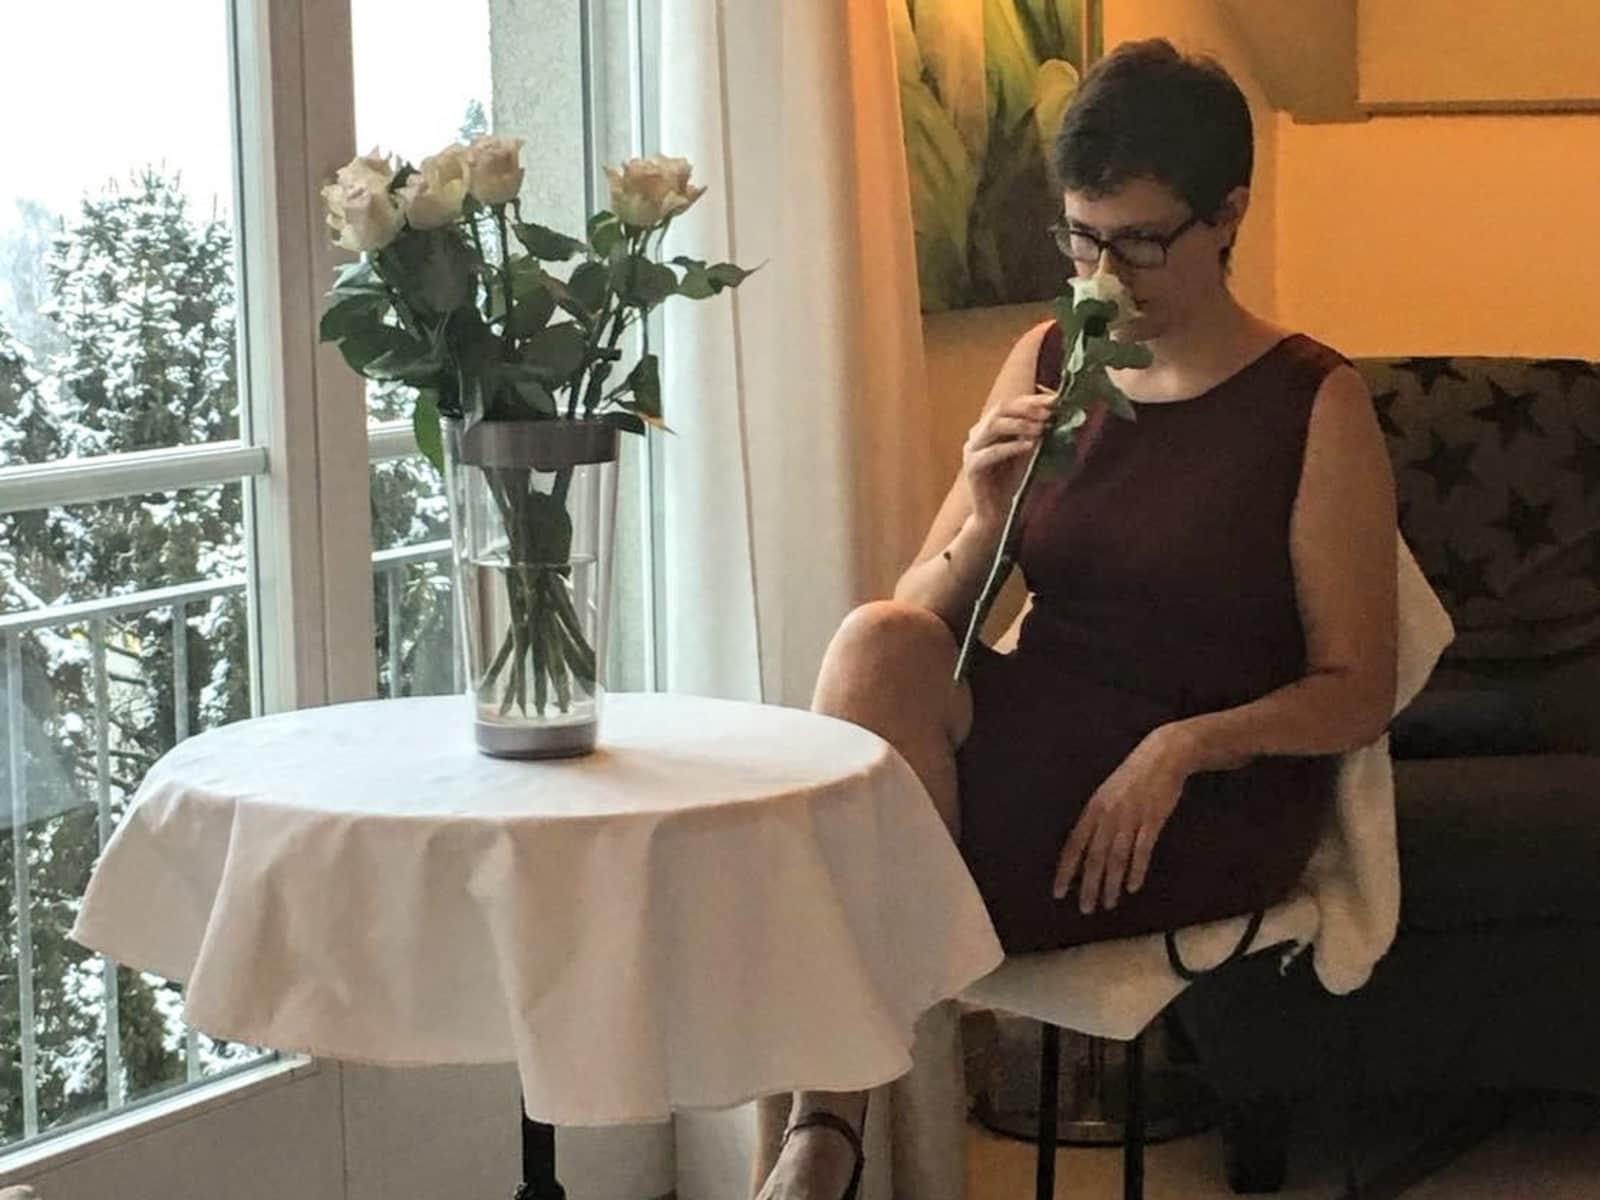 Jorina from Mattenbach (Kreis 7), Switzerland